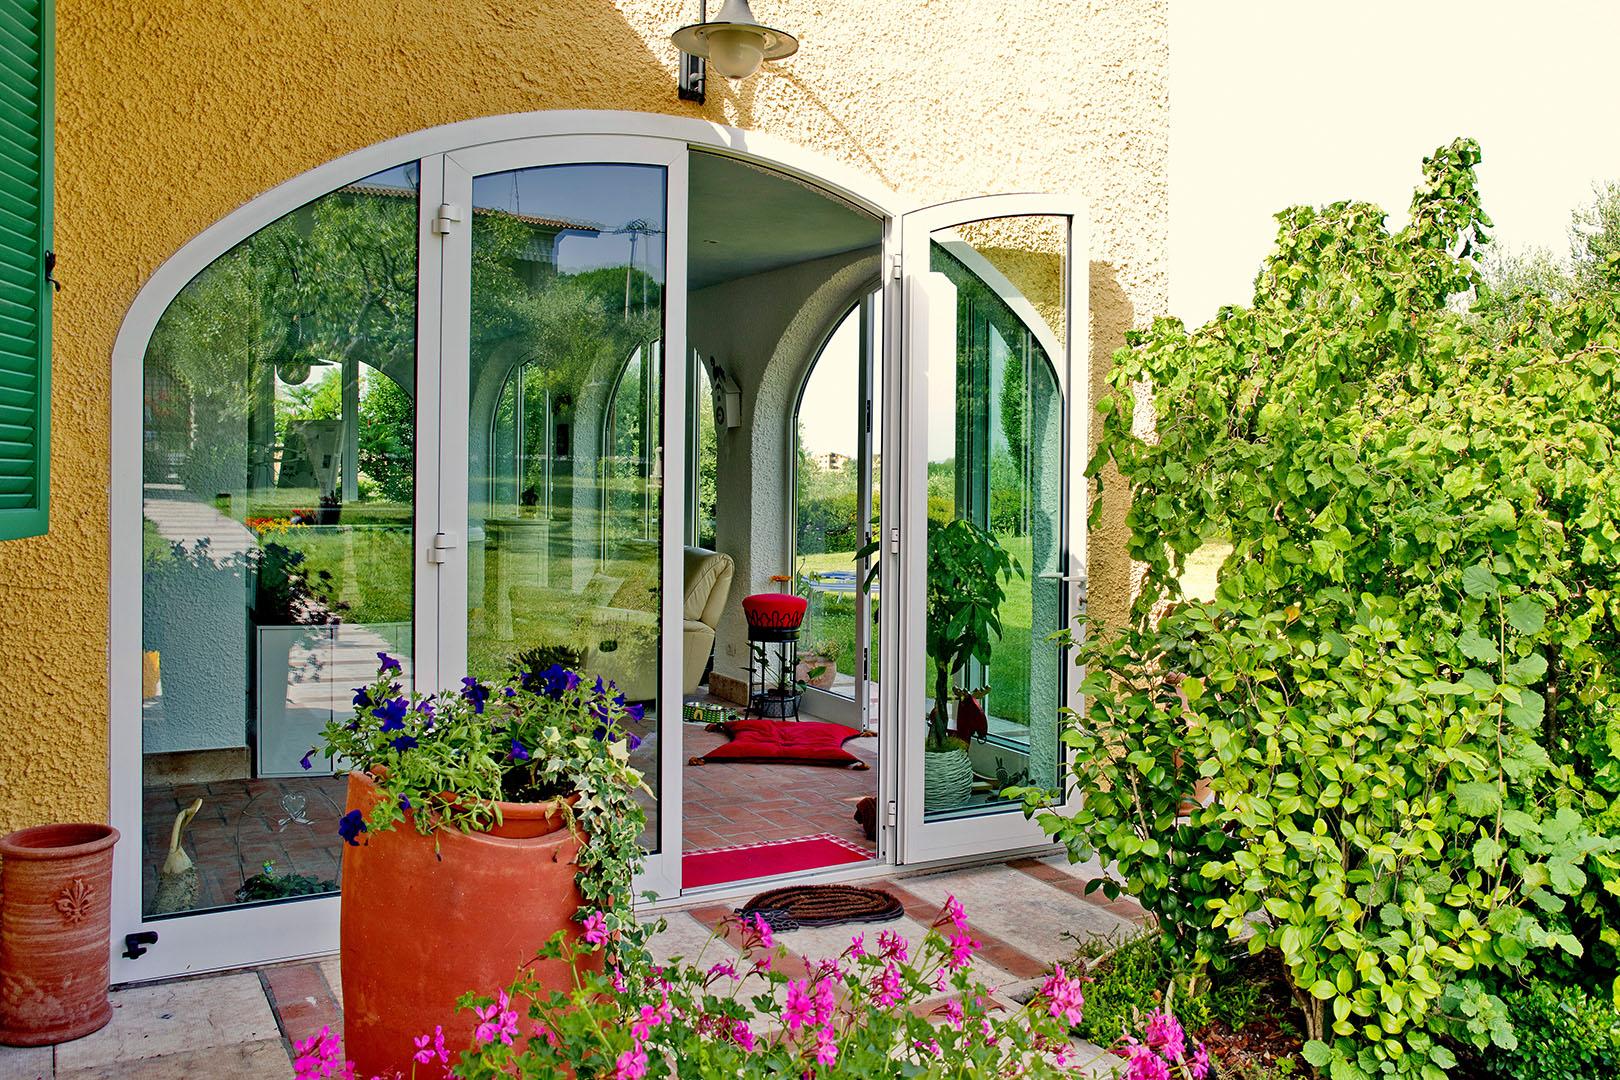 finestre e portafinestra pvc bianco